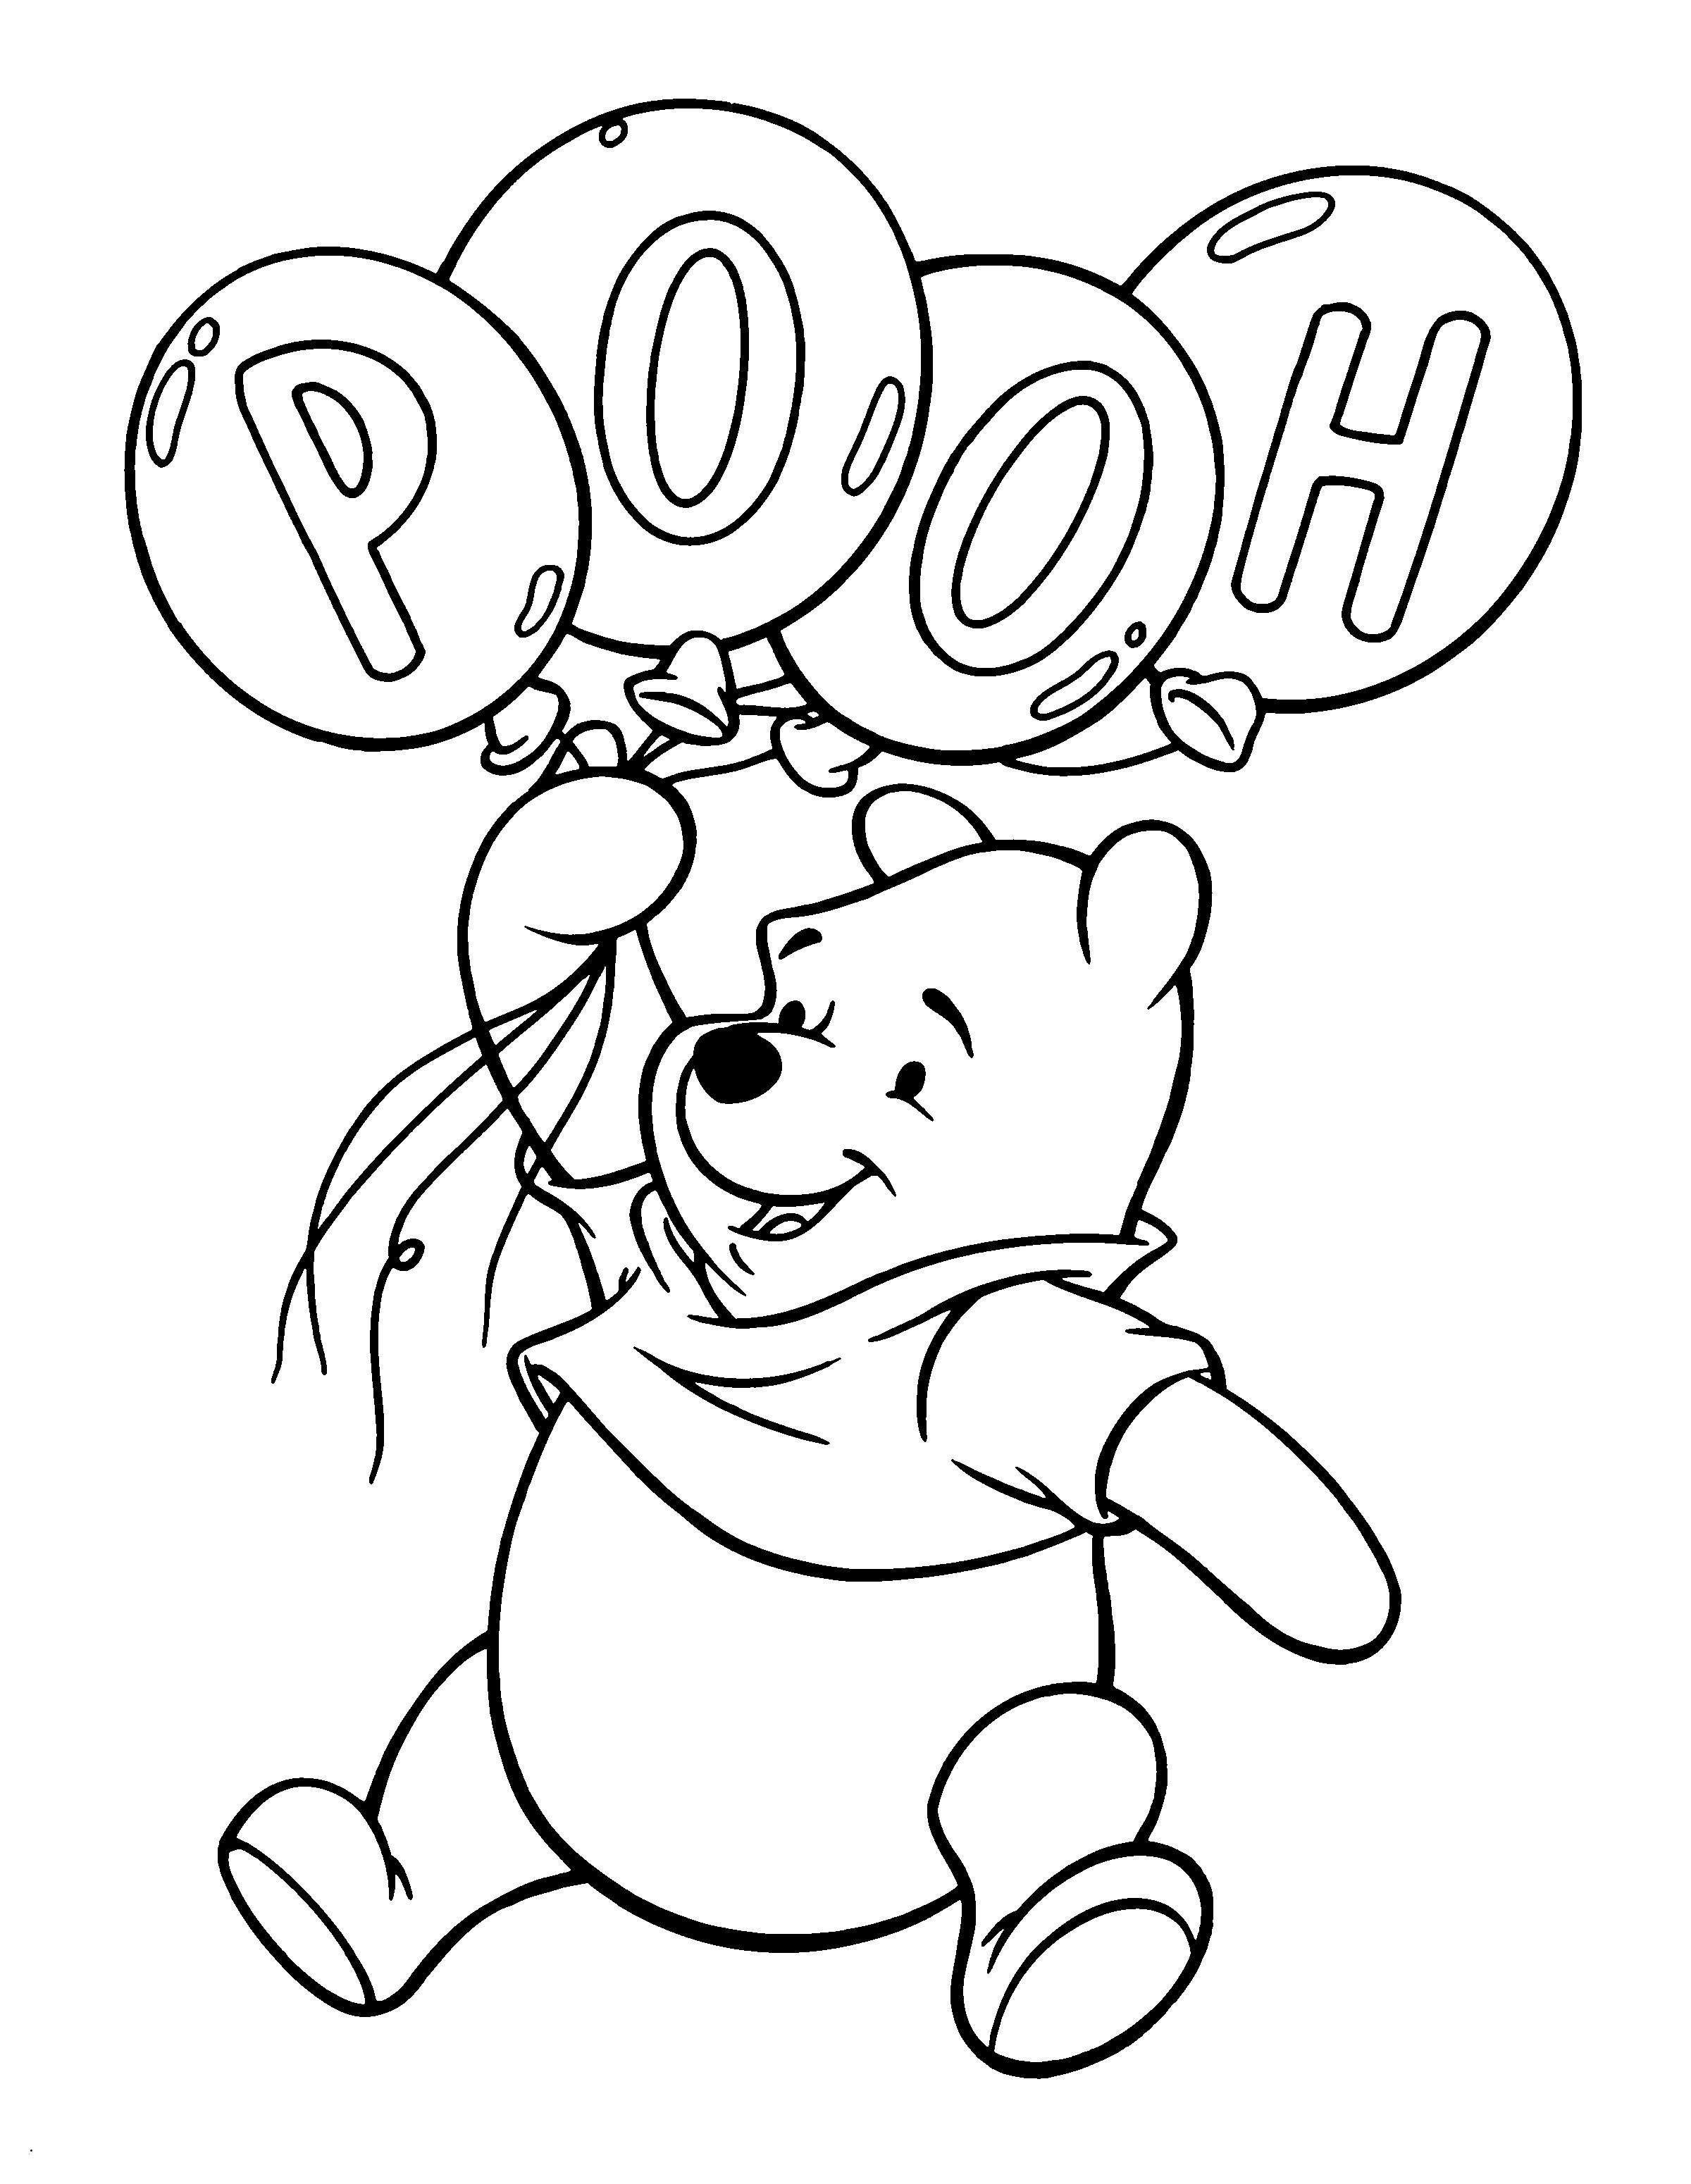 Ausmalbilder Winnie Pooh Und Seine Freunde Malvorlagen  Ausmalbilder Winnie Pooh Und Seine Freunde Malvorlagen